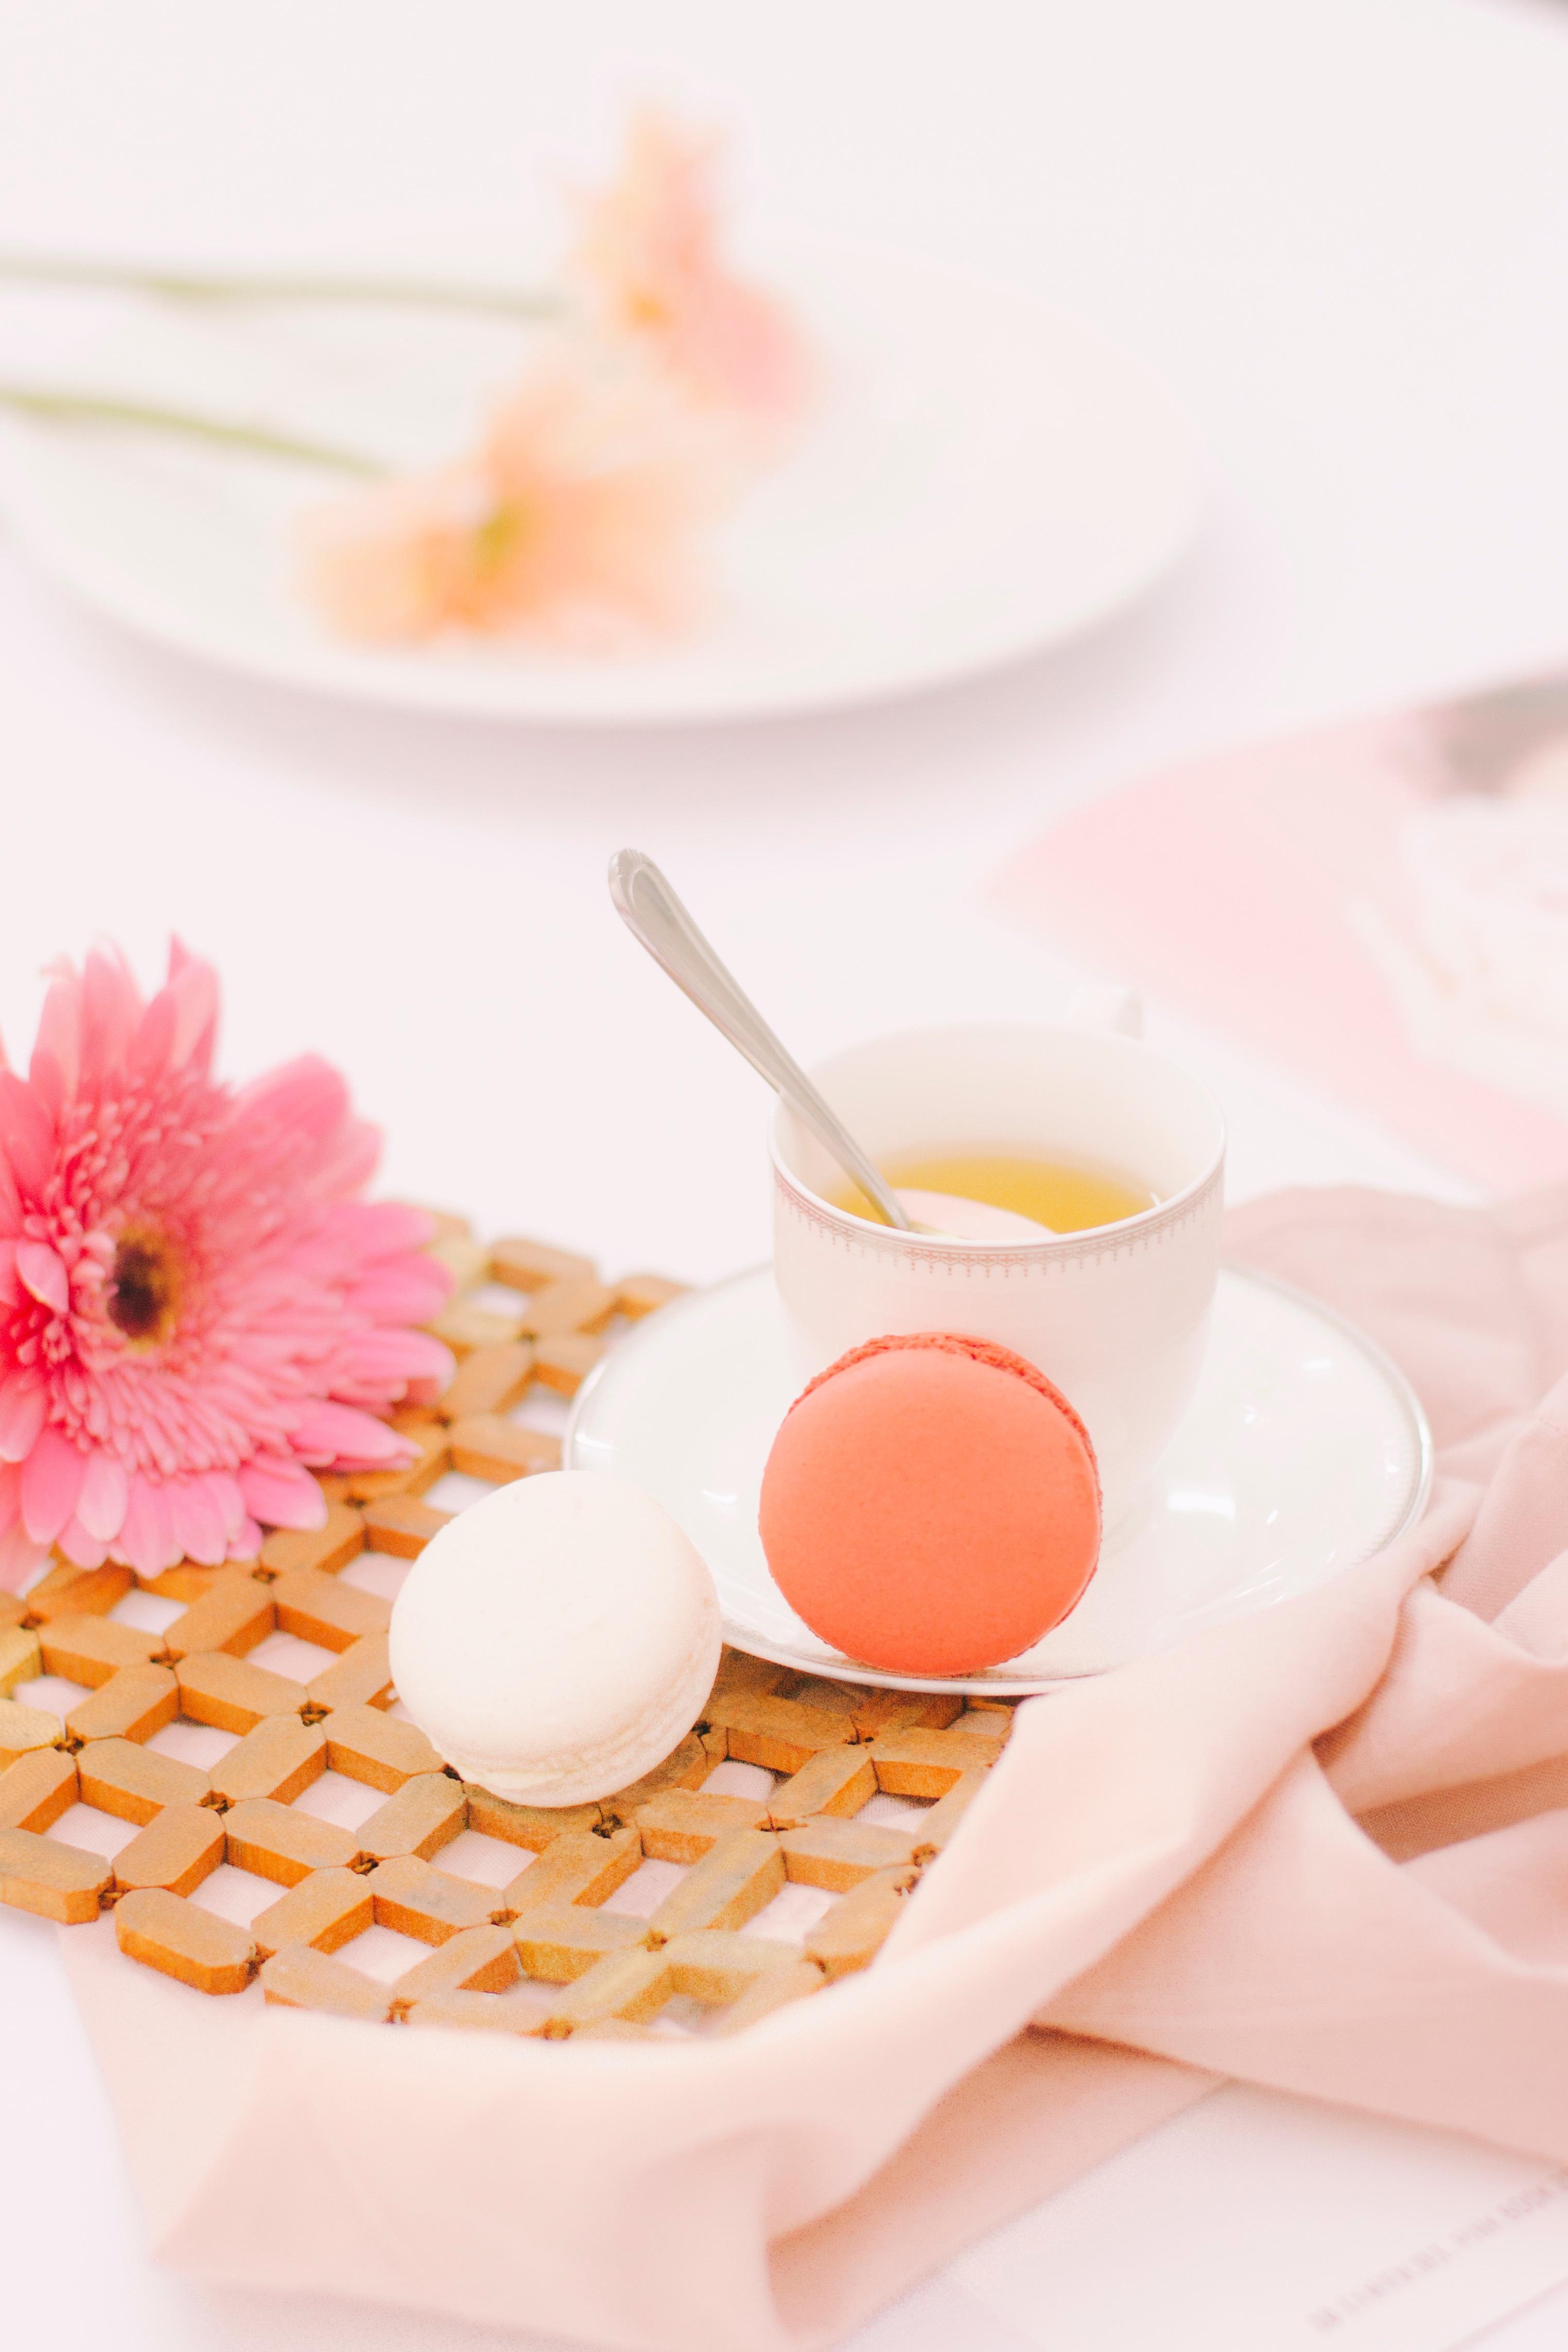 Kostenlose foto : Tabelle, Blume, Blütenblatt, Gericht, Mahlzeit ...